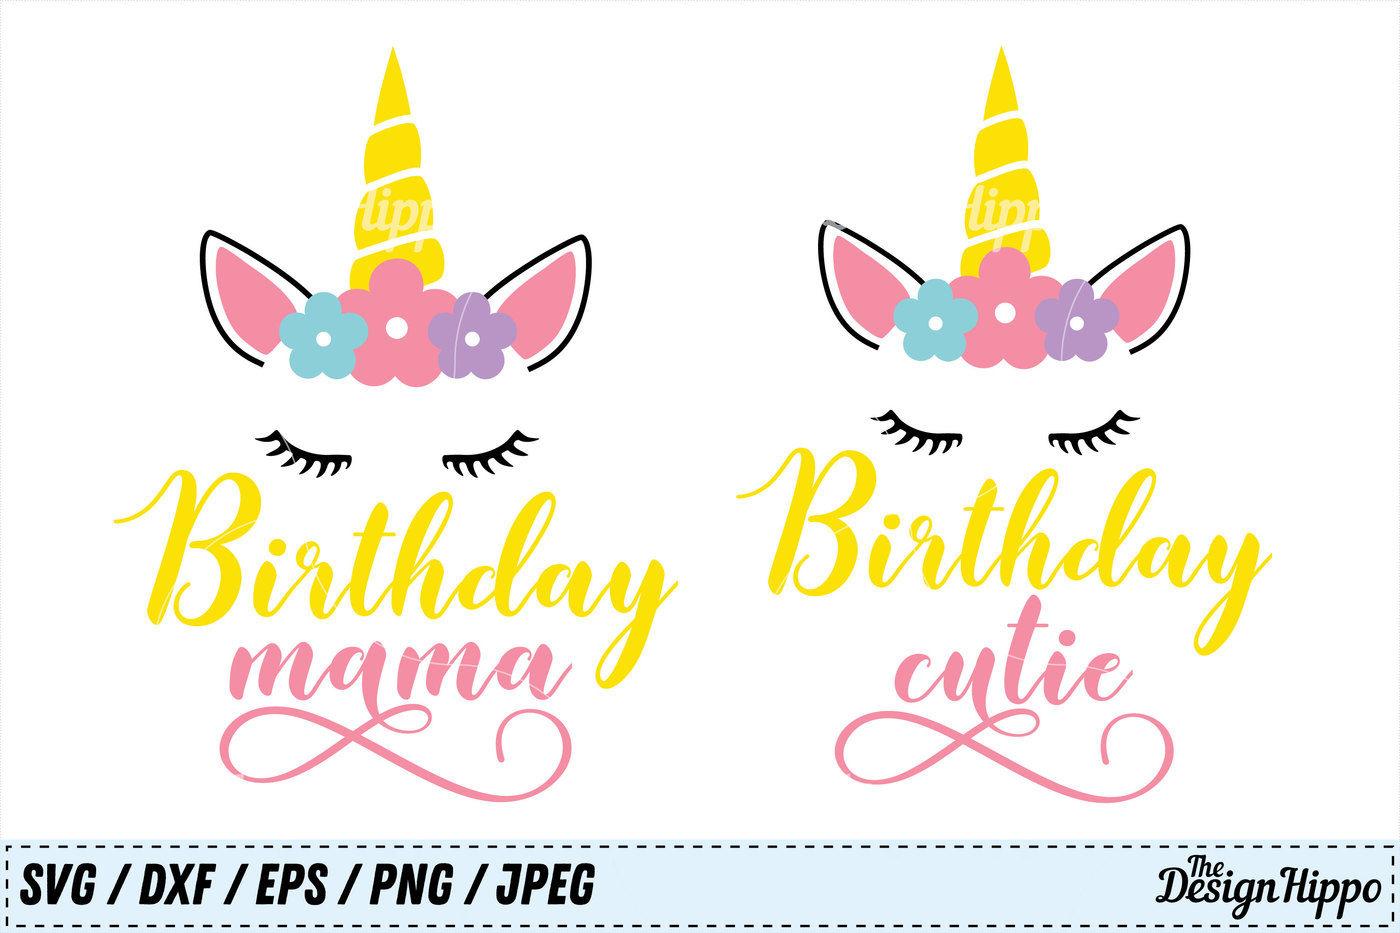 Birthday Svg Bundle Birthday Mama Svg Birthday Cutie Svg